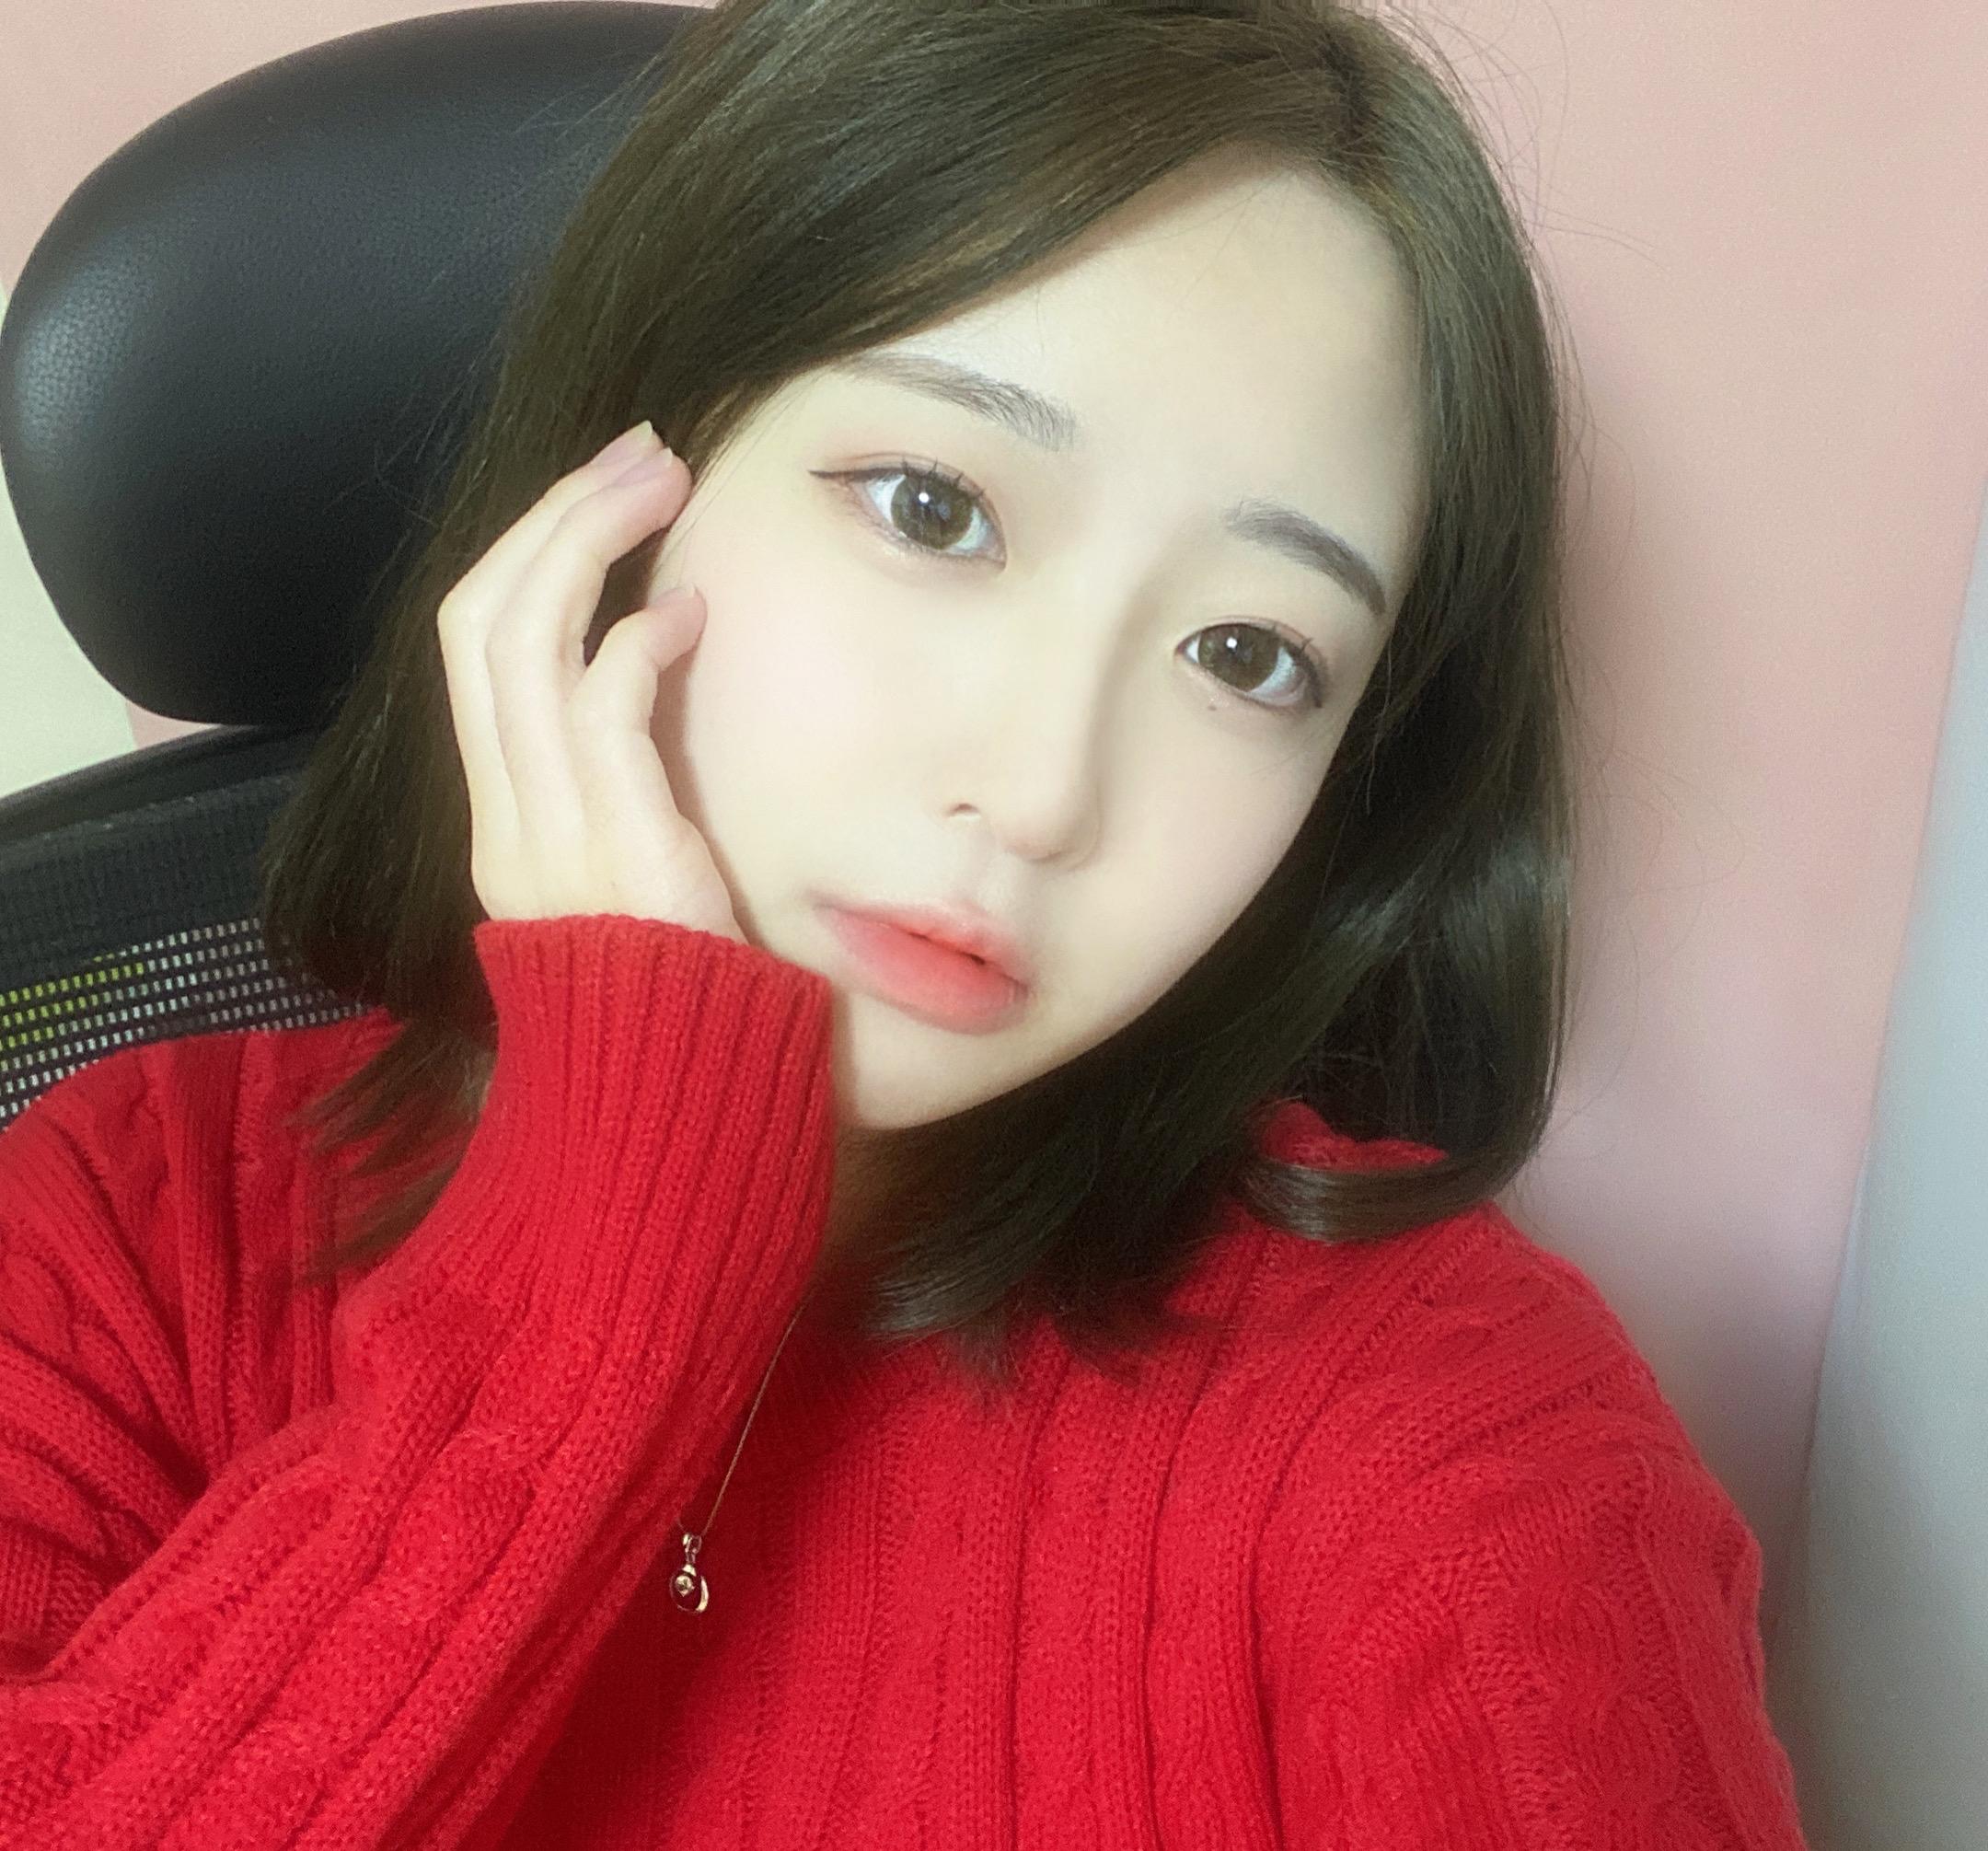 kang**** 님의 프로필